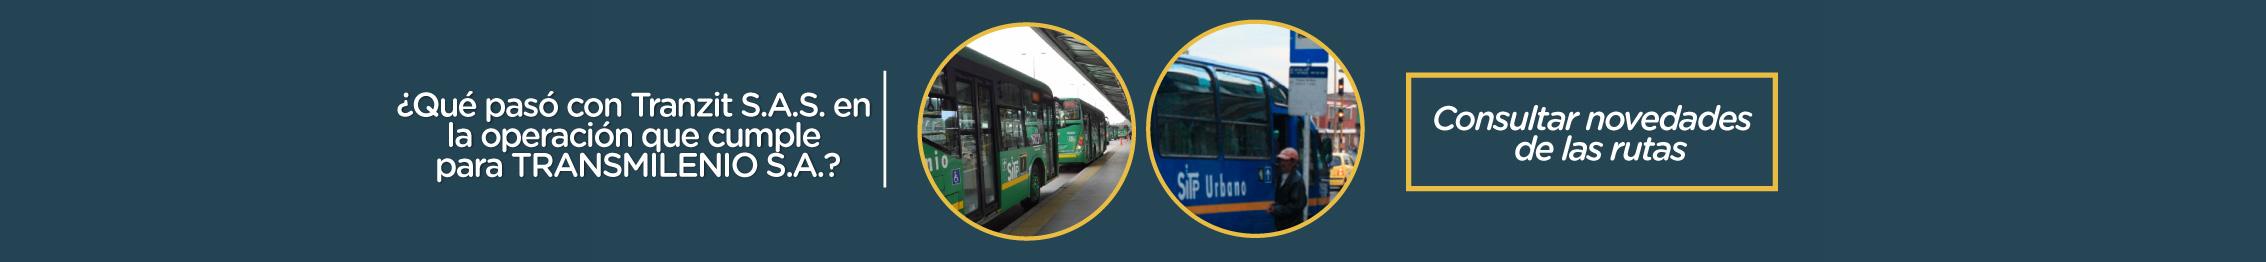 Eres usuario de las rutas 72, 112A, E57, 172, 189, 83, tienen novedad